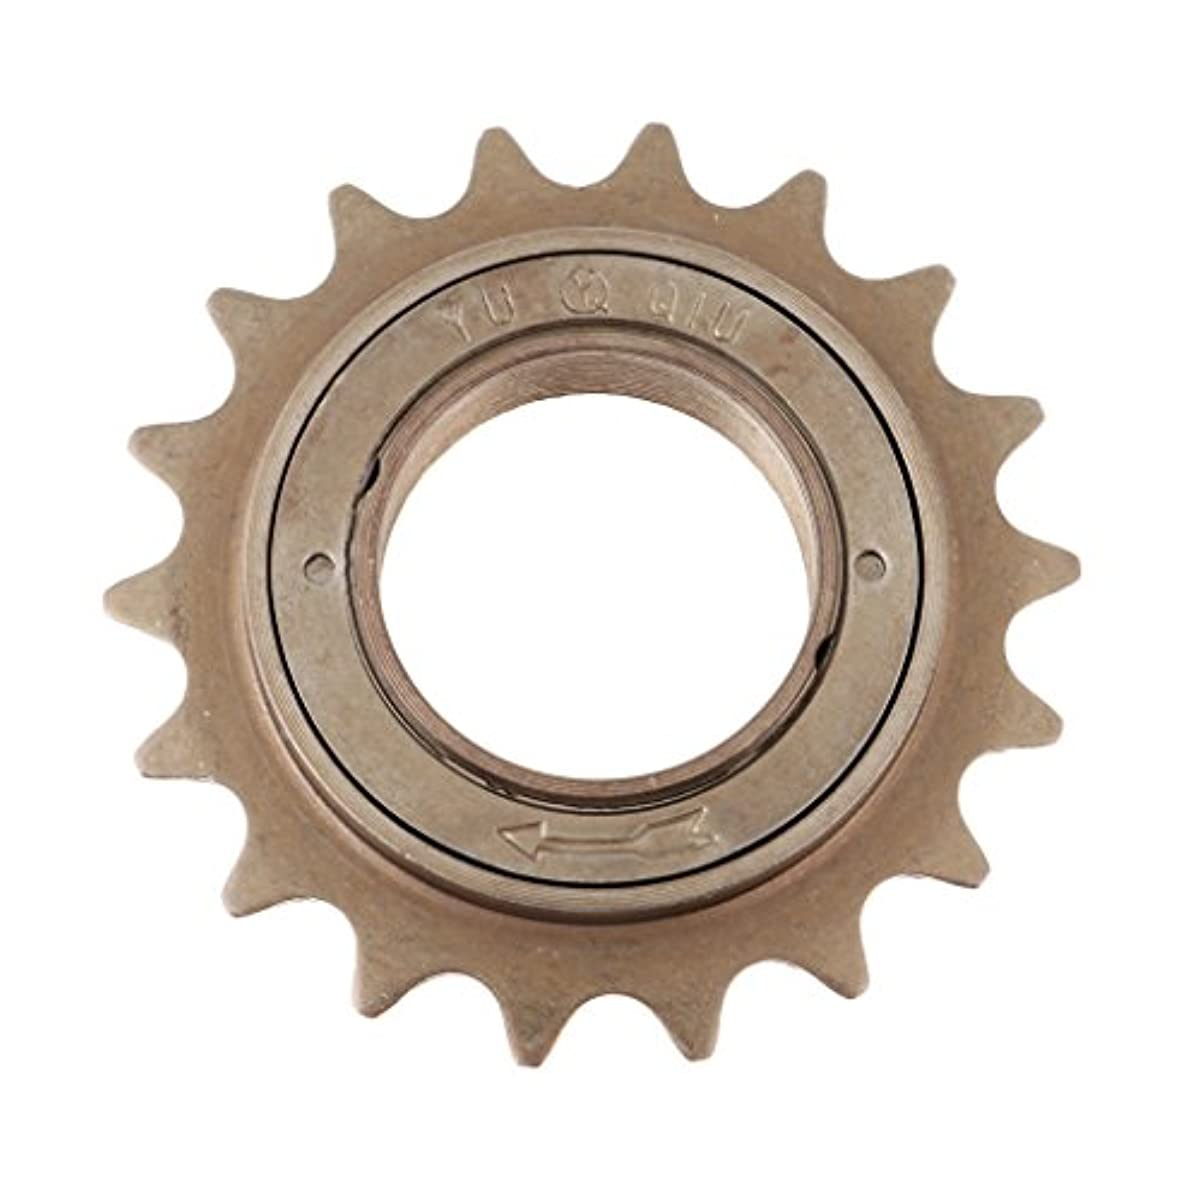 [해외] 자전거 내구성 프리 휠 18T치 34MM 싱글 스피드 프리 휠 플라이 휠 스프로킷